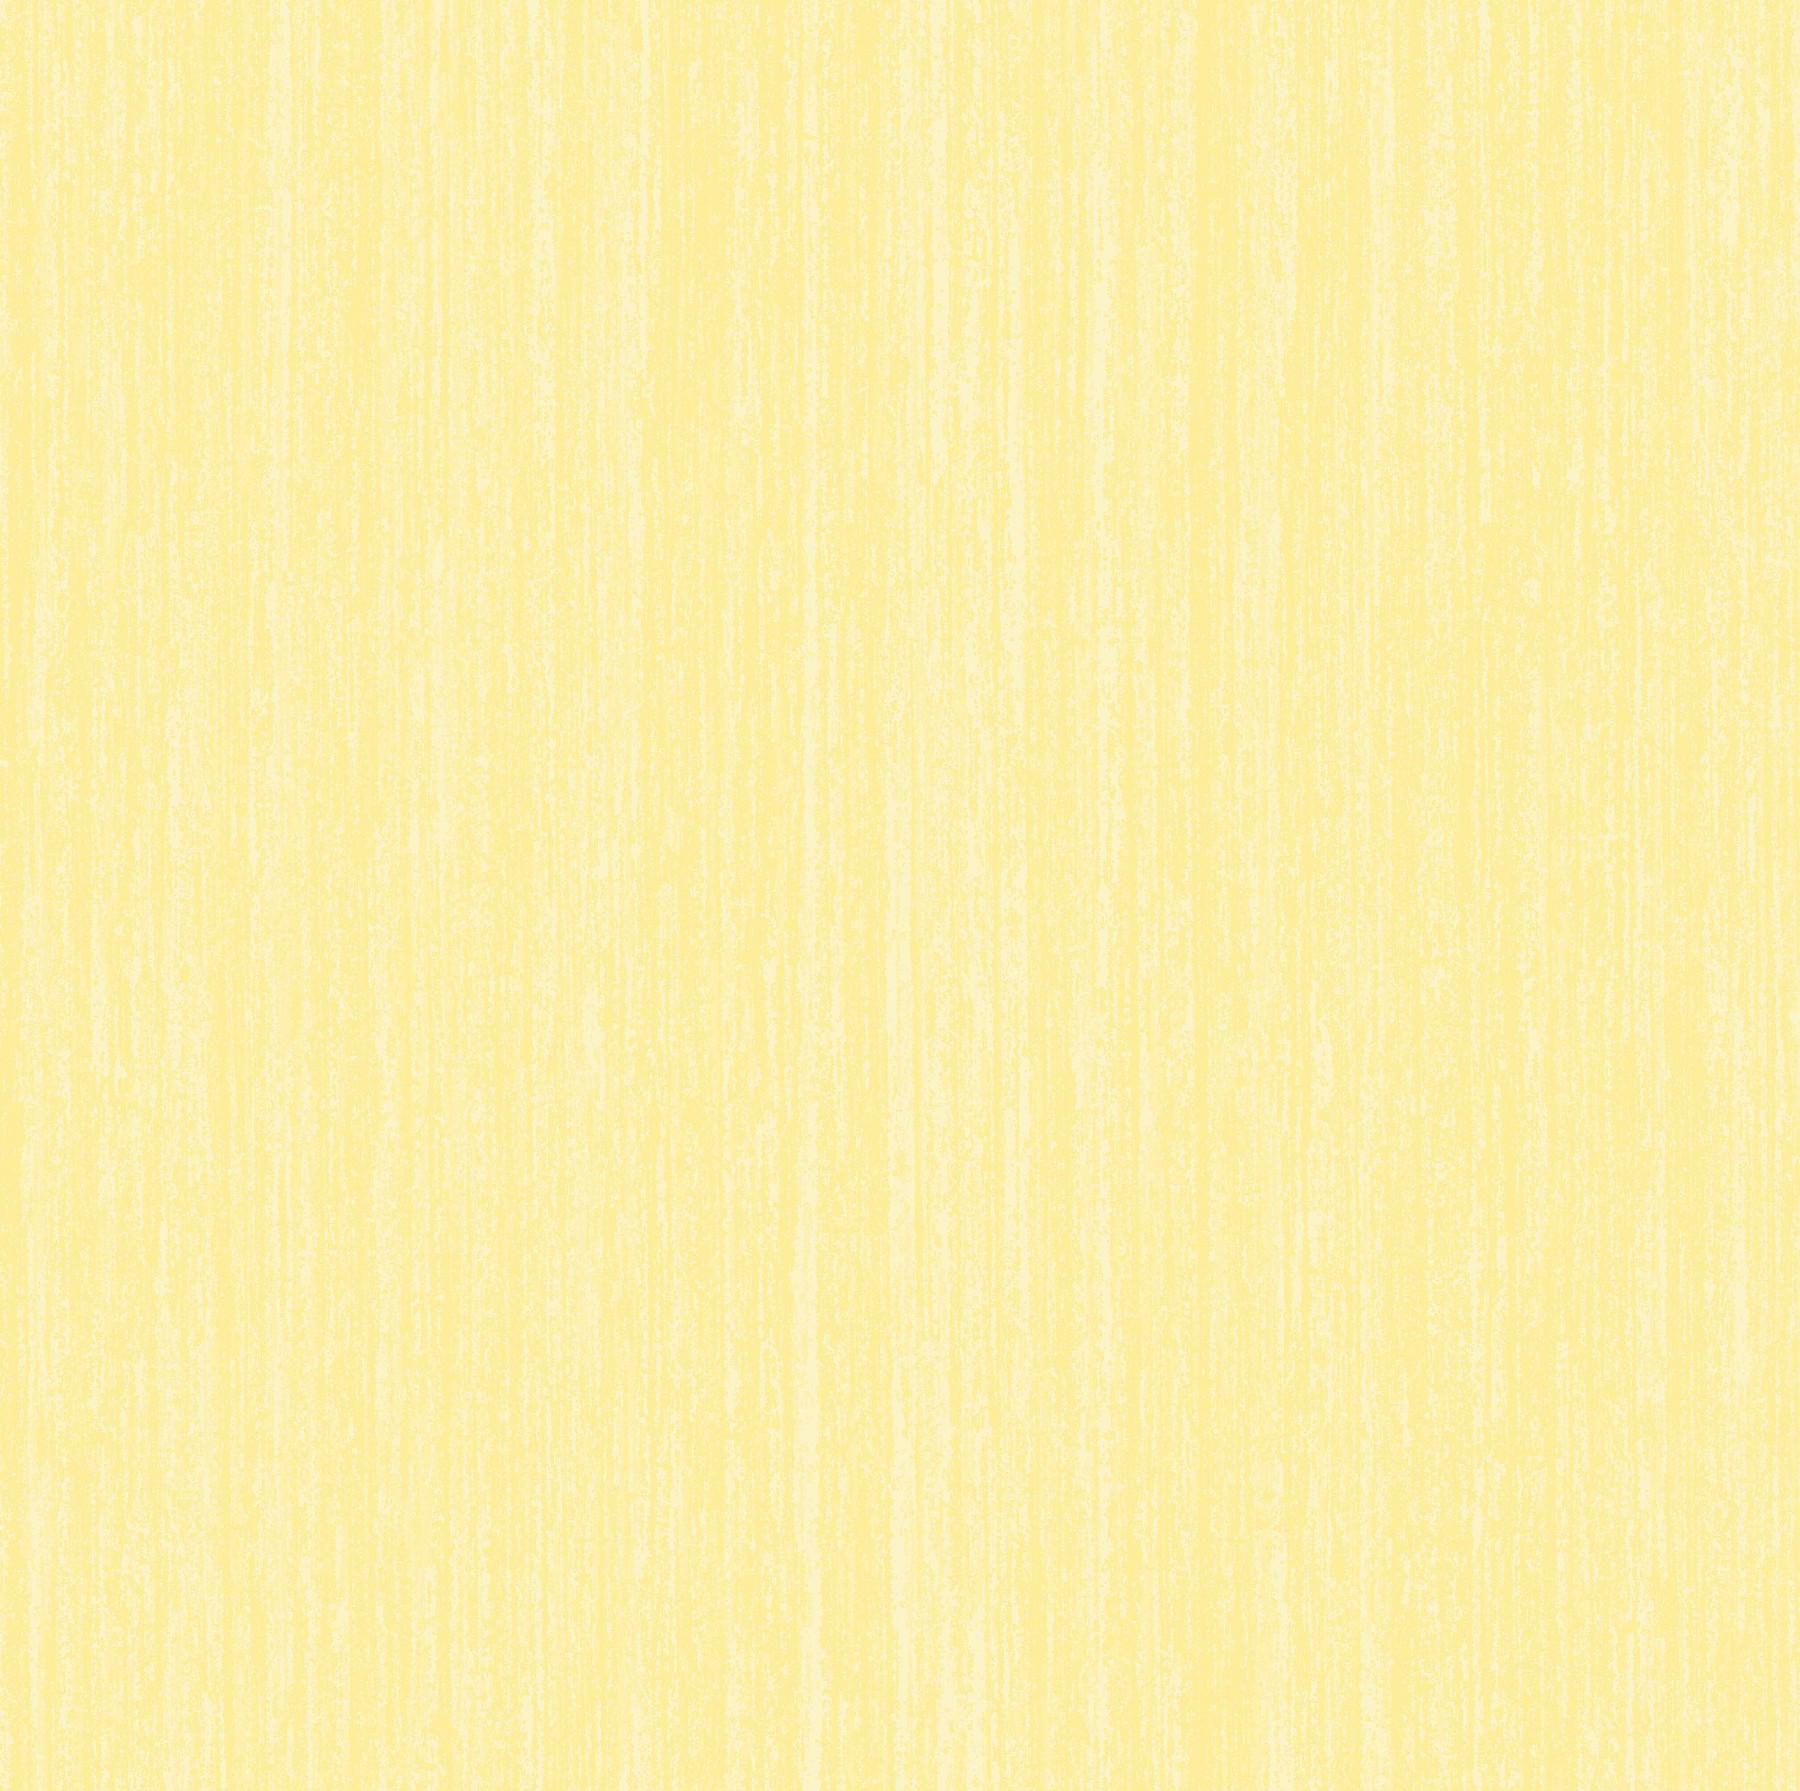 Papel de Parede Infantil Linhas de Giz Amarelo - Has#Tag